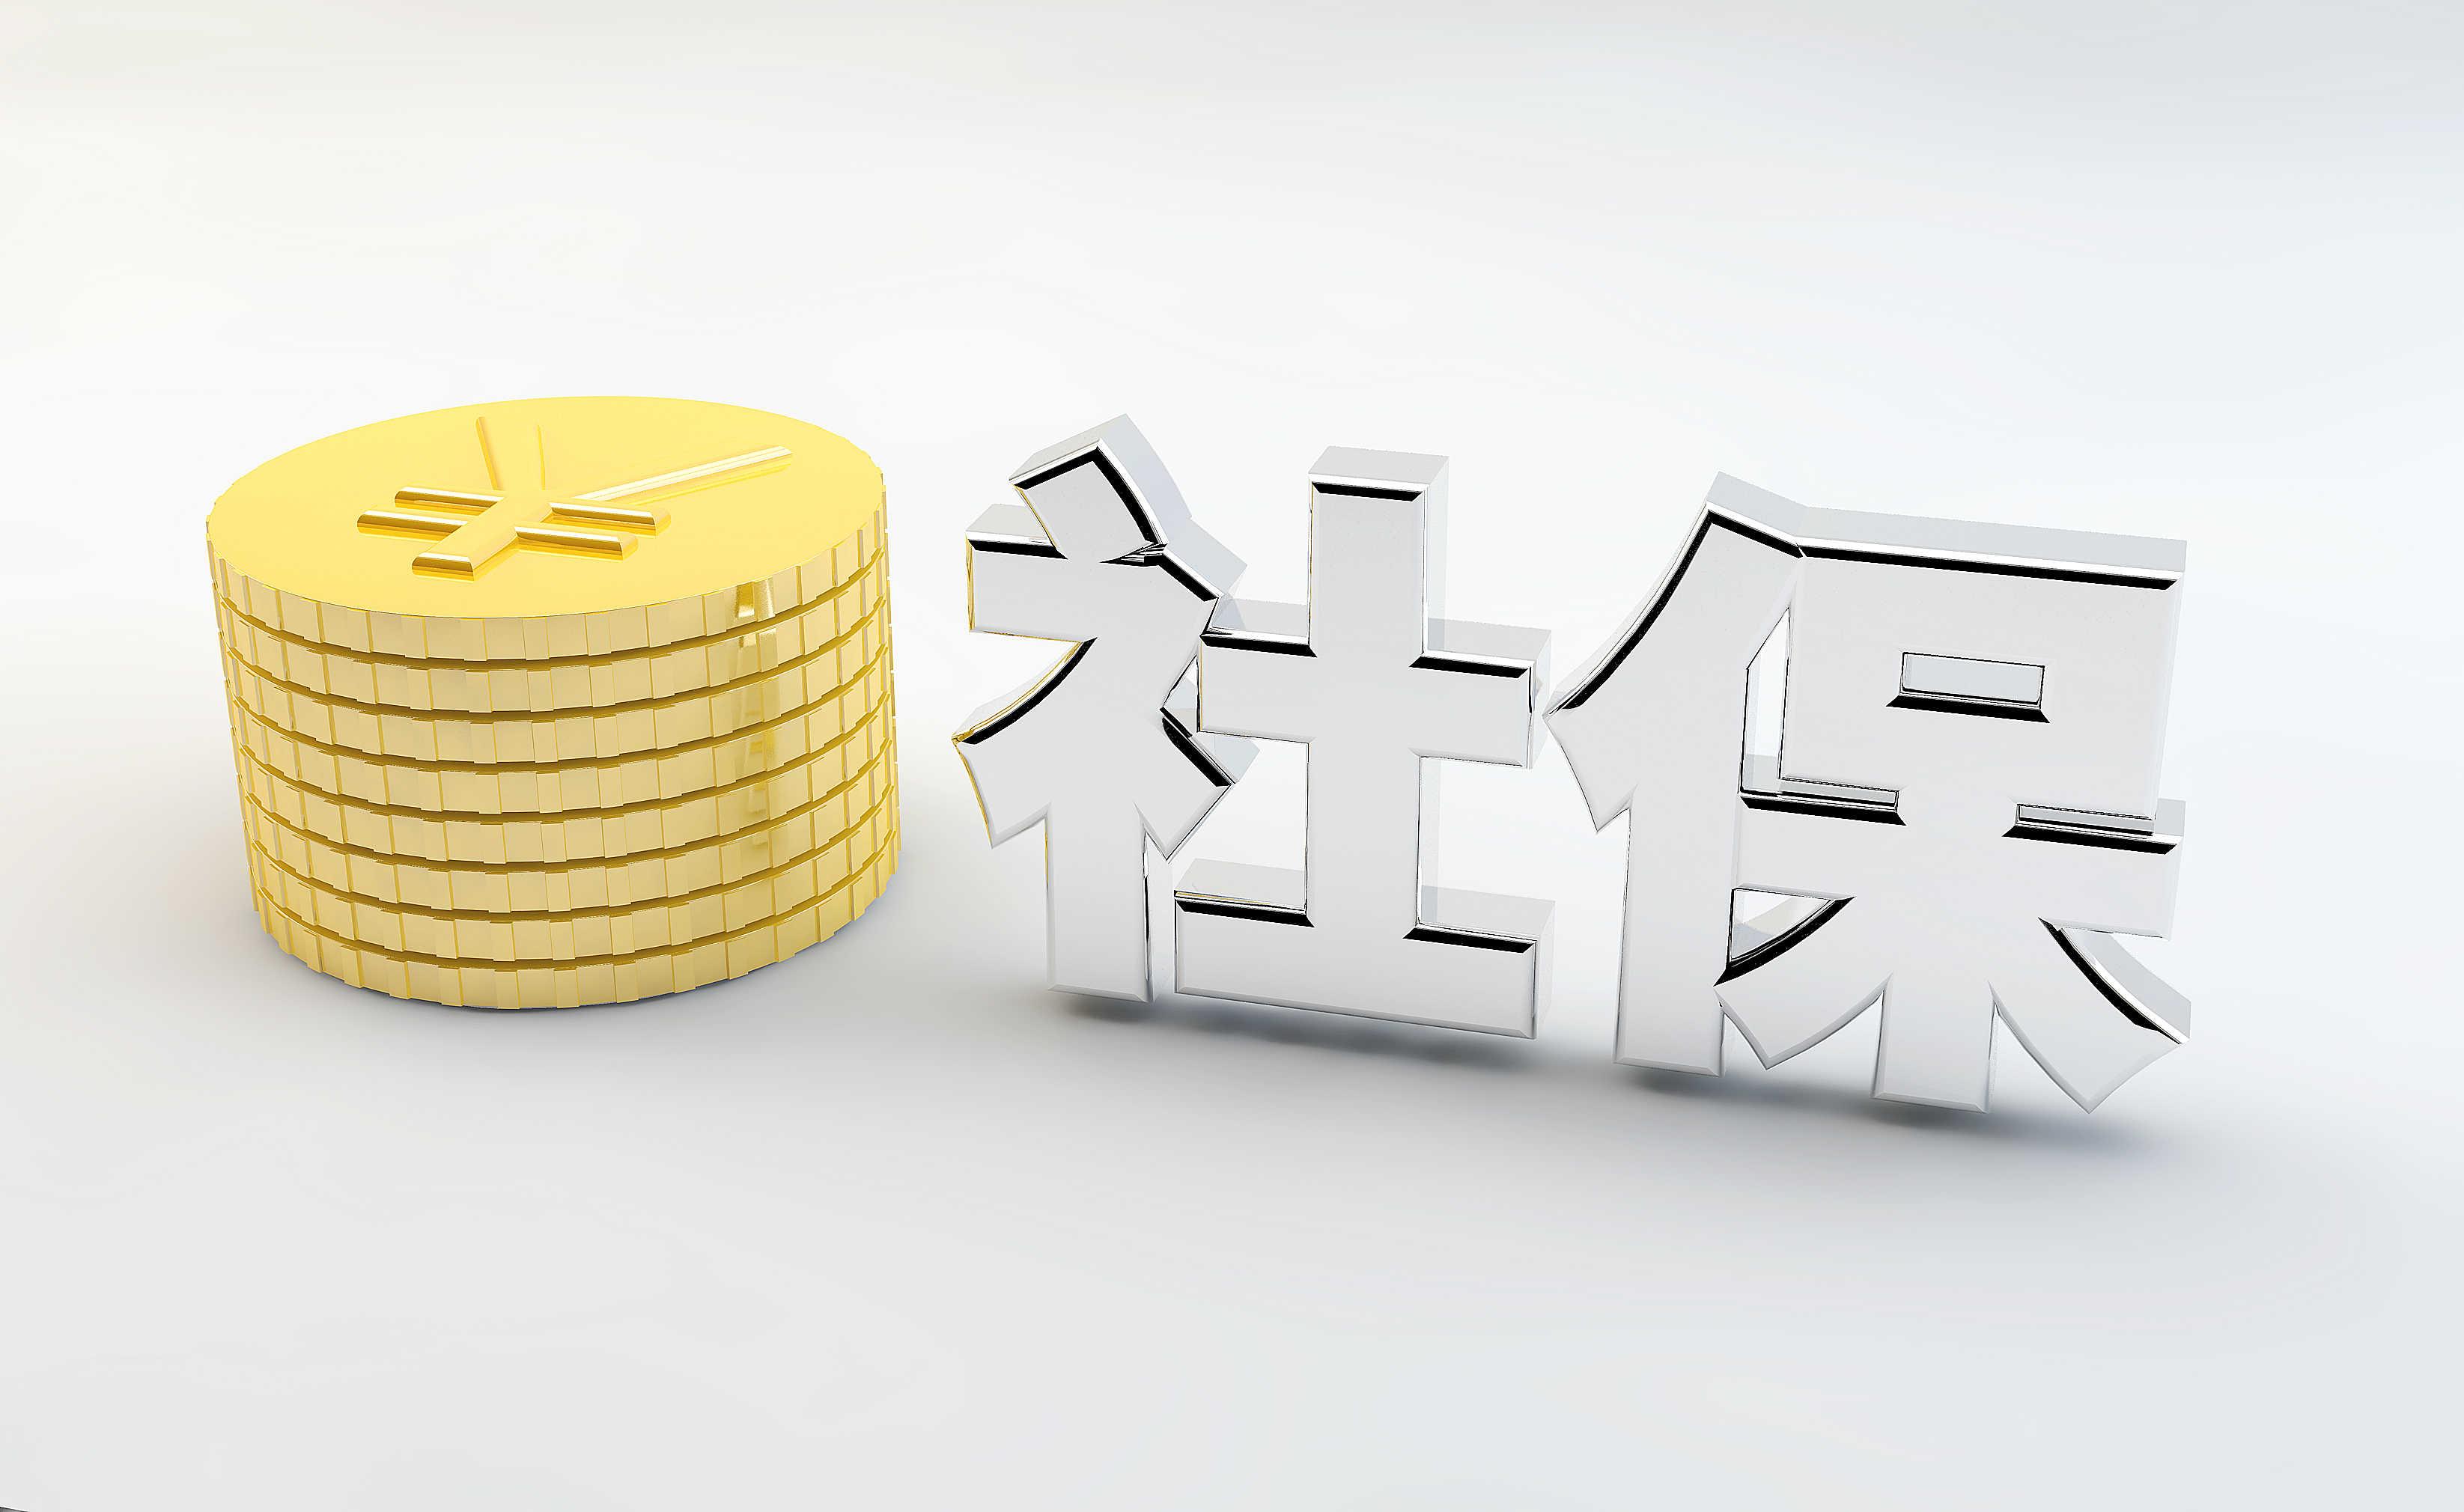 企业社保代缴缴费怎么计算,代缴社保的公司,代理社保